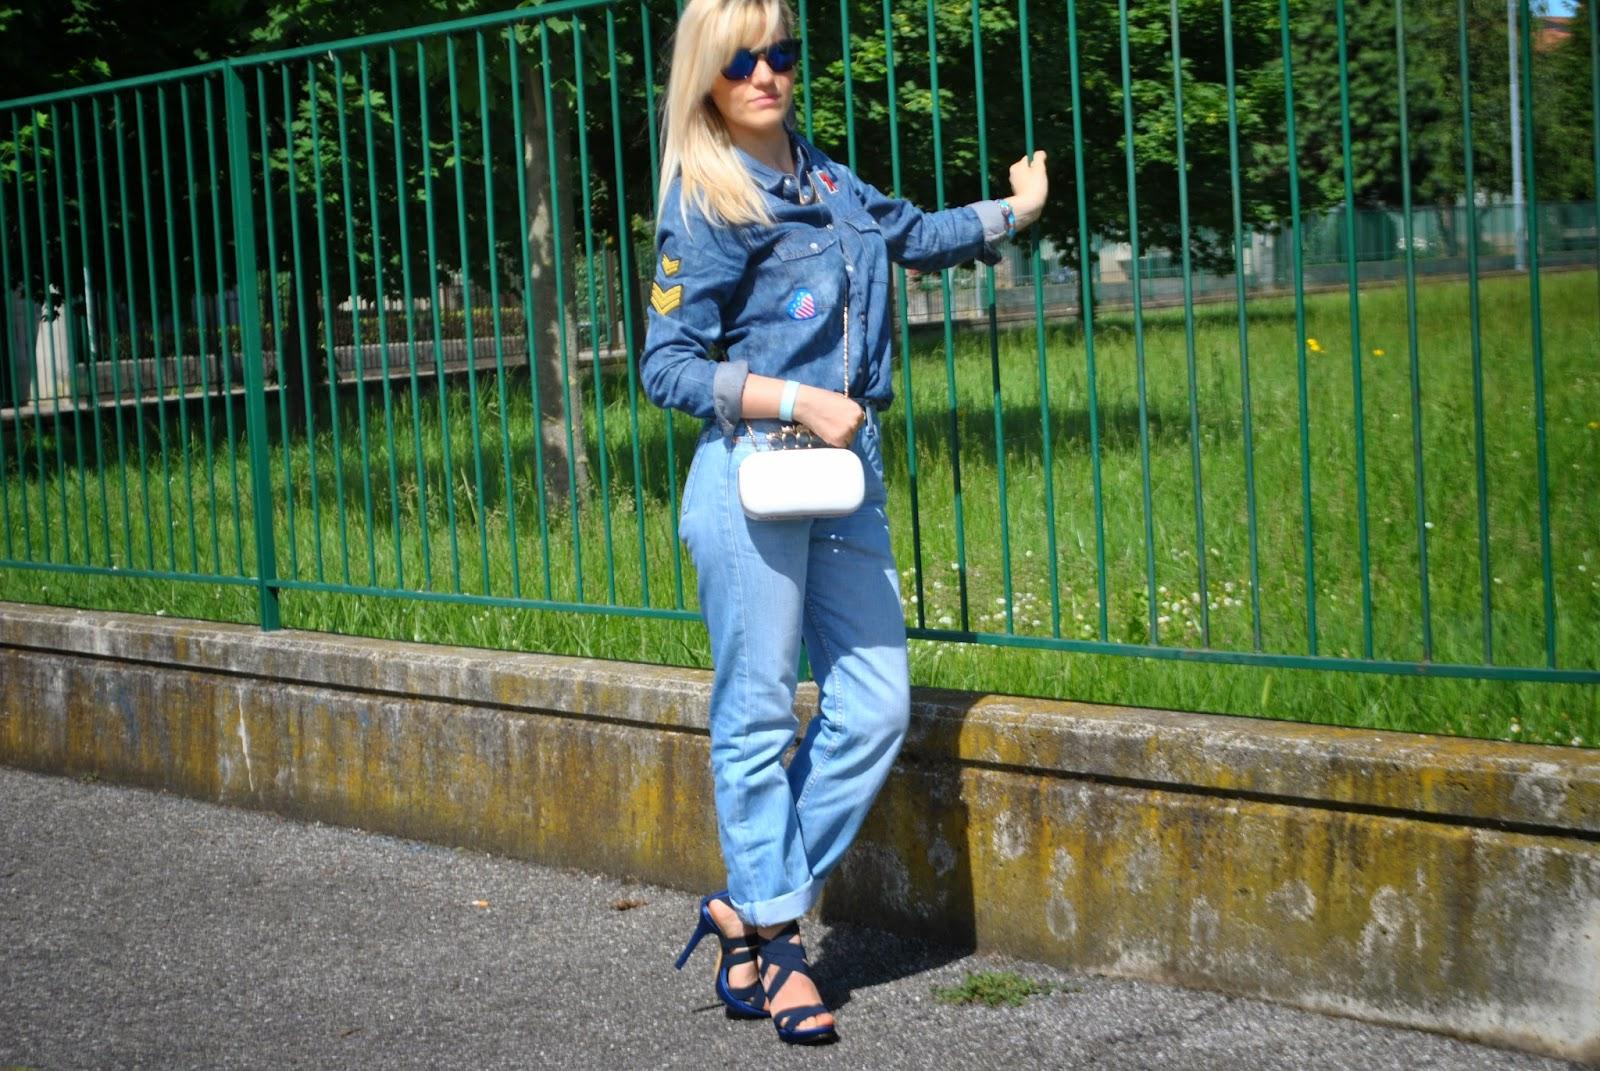 outfit denim outfit levi's 501 come indossare un vecchio paio di jeans come abbinare un veccio paio di jeans come indossare un vecchio paio di levi's 501 jeans arrotolati alle caviglie camicia in denim con stemmi cuciti camicia di jeans pimkie camicia in denim pimkie bracciale azzurro il centimetro clutch modello alexander mcqueen con teschio outfit borsa bianca jeans e tacchi outfit jeans e tacchi outfit primavera 2014 outfit primaverili fashion blogger italiane milano colorblock by felym blog di moda di mariafelicia magno outfit colorblock by felym outfit mariafelicia magno outfit maggio 2014 mariafelicia magno blogger di colorblock by felym occhiali da sole con lenti a specchio azzurre ragazze bionde outfit denim total look denim outfit jeans camicia in denim e tacchi alti bracciale catena oro e filo